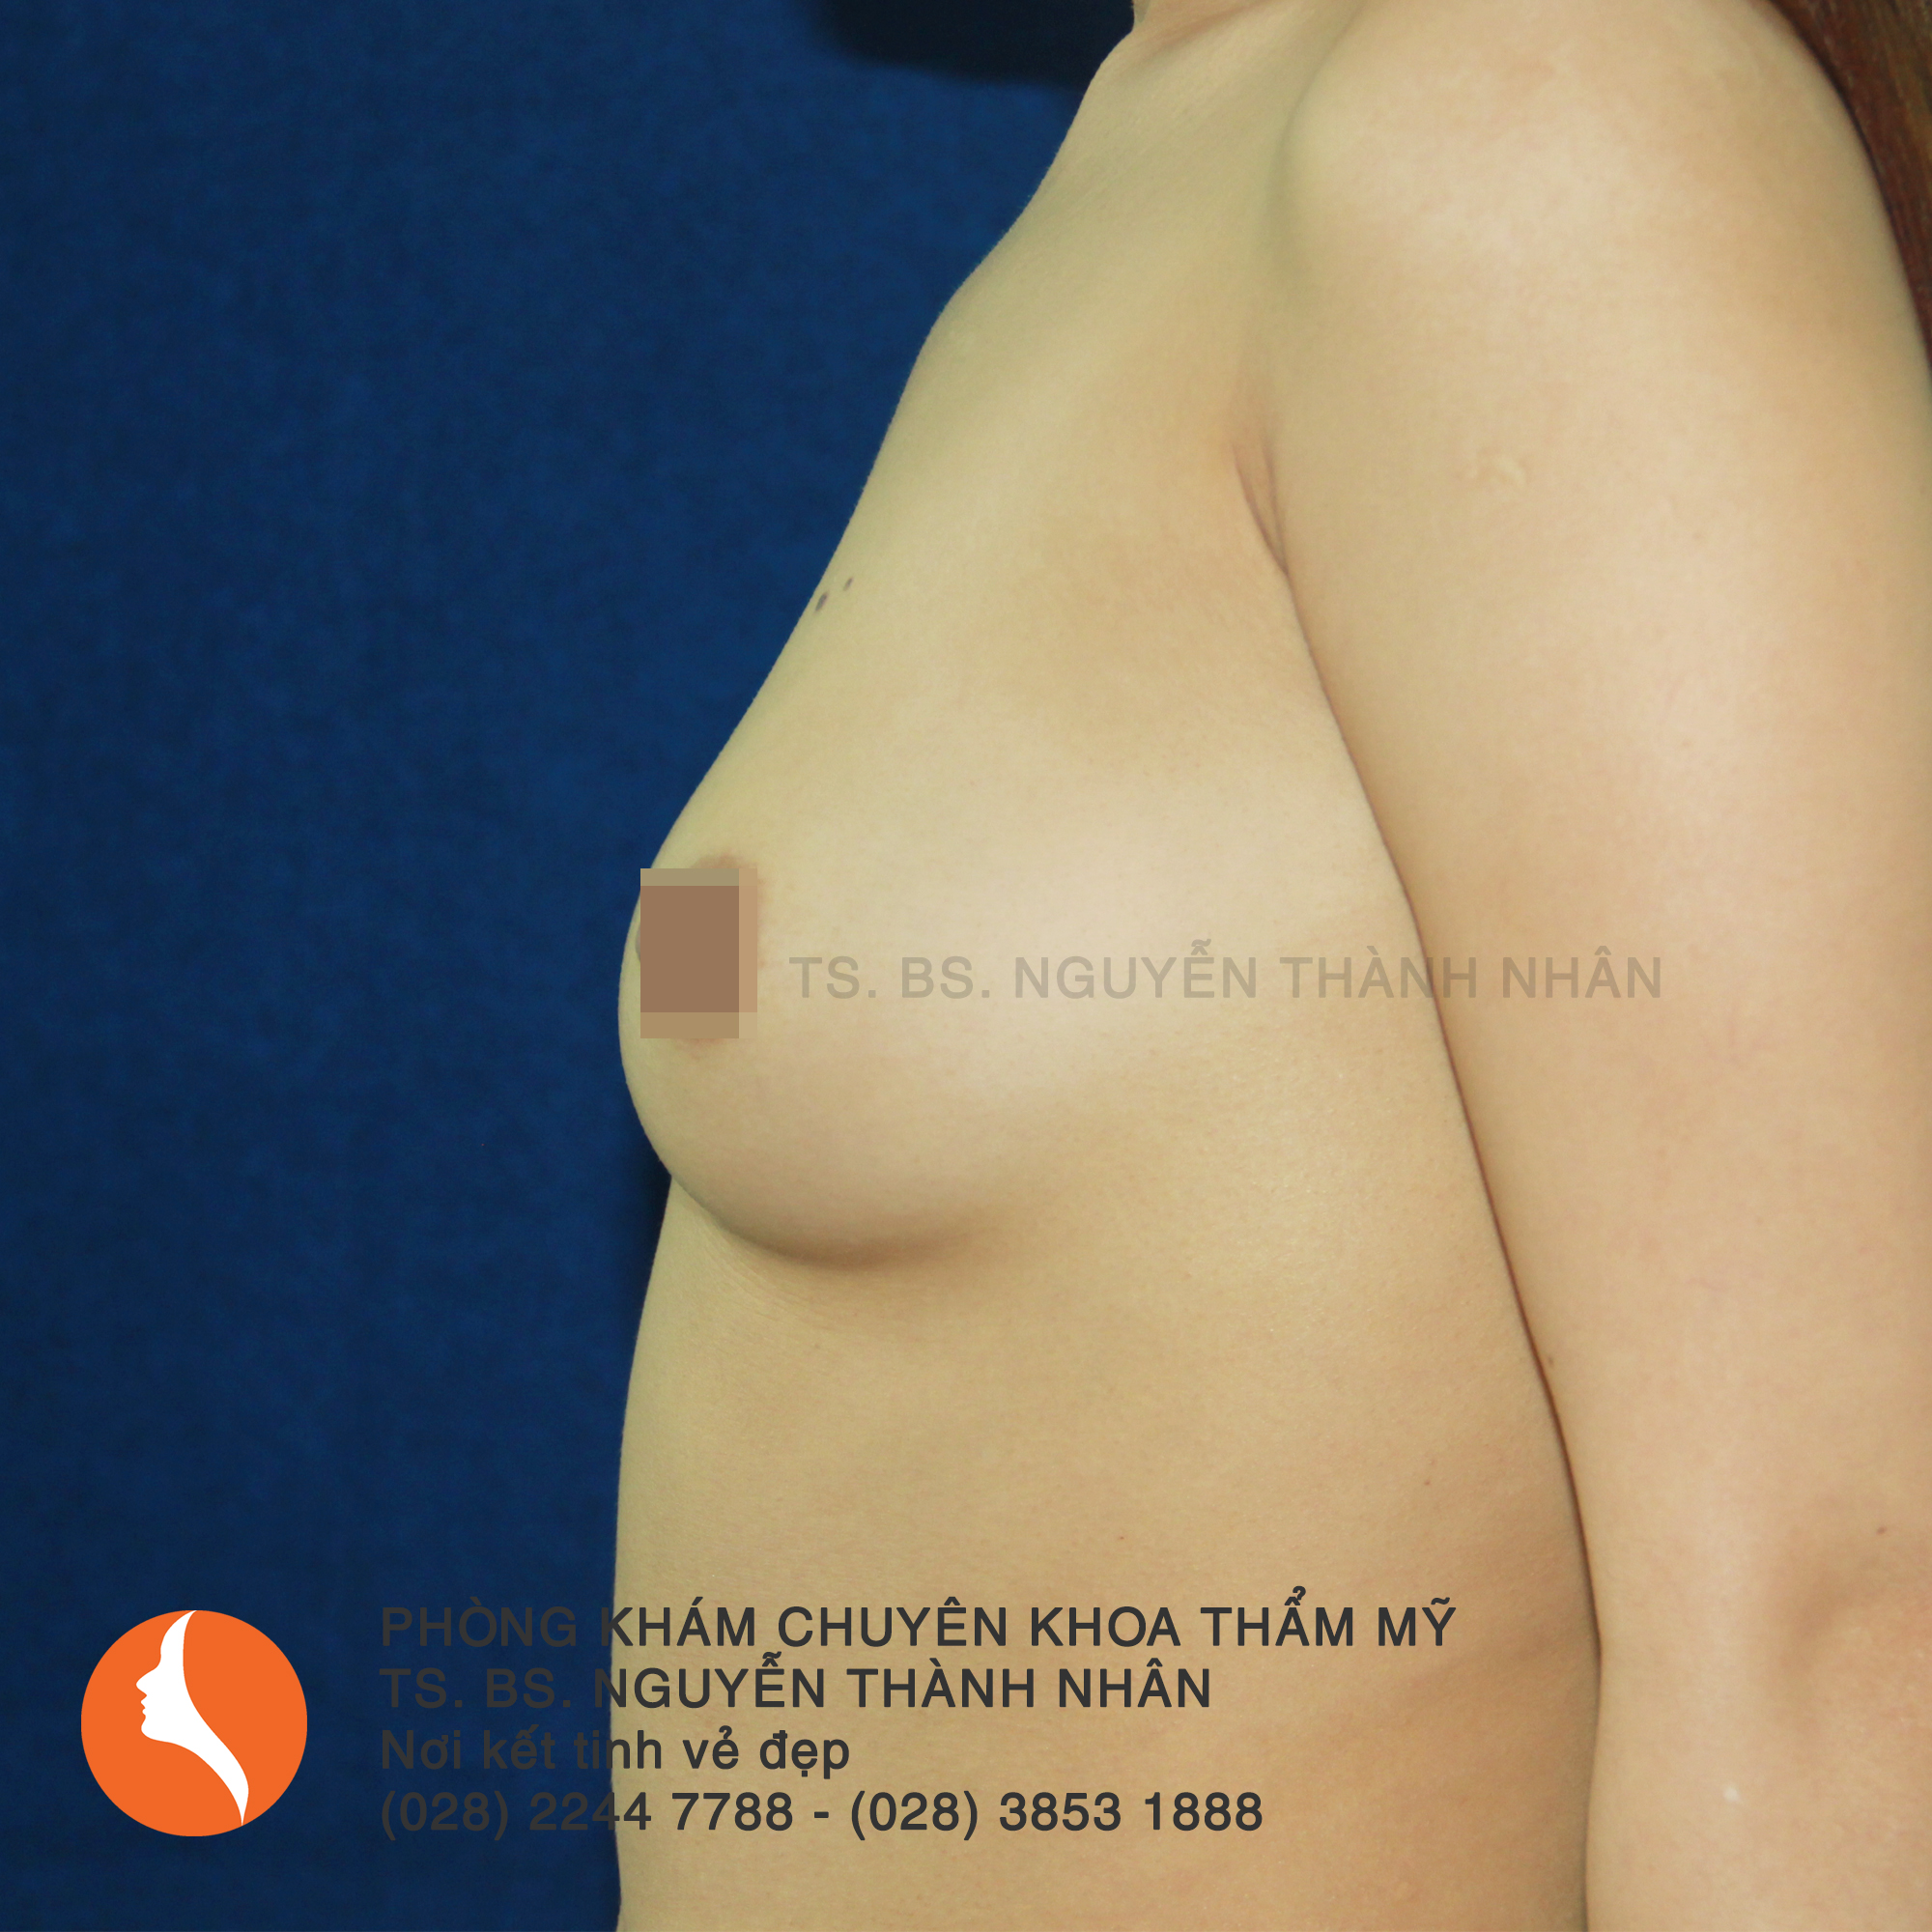 Ca 6: Trước phẫu thuật nâng ngực